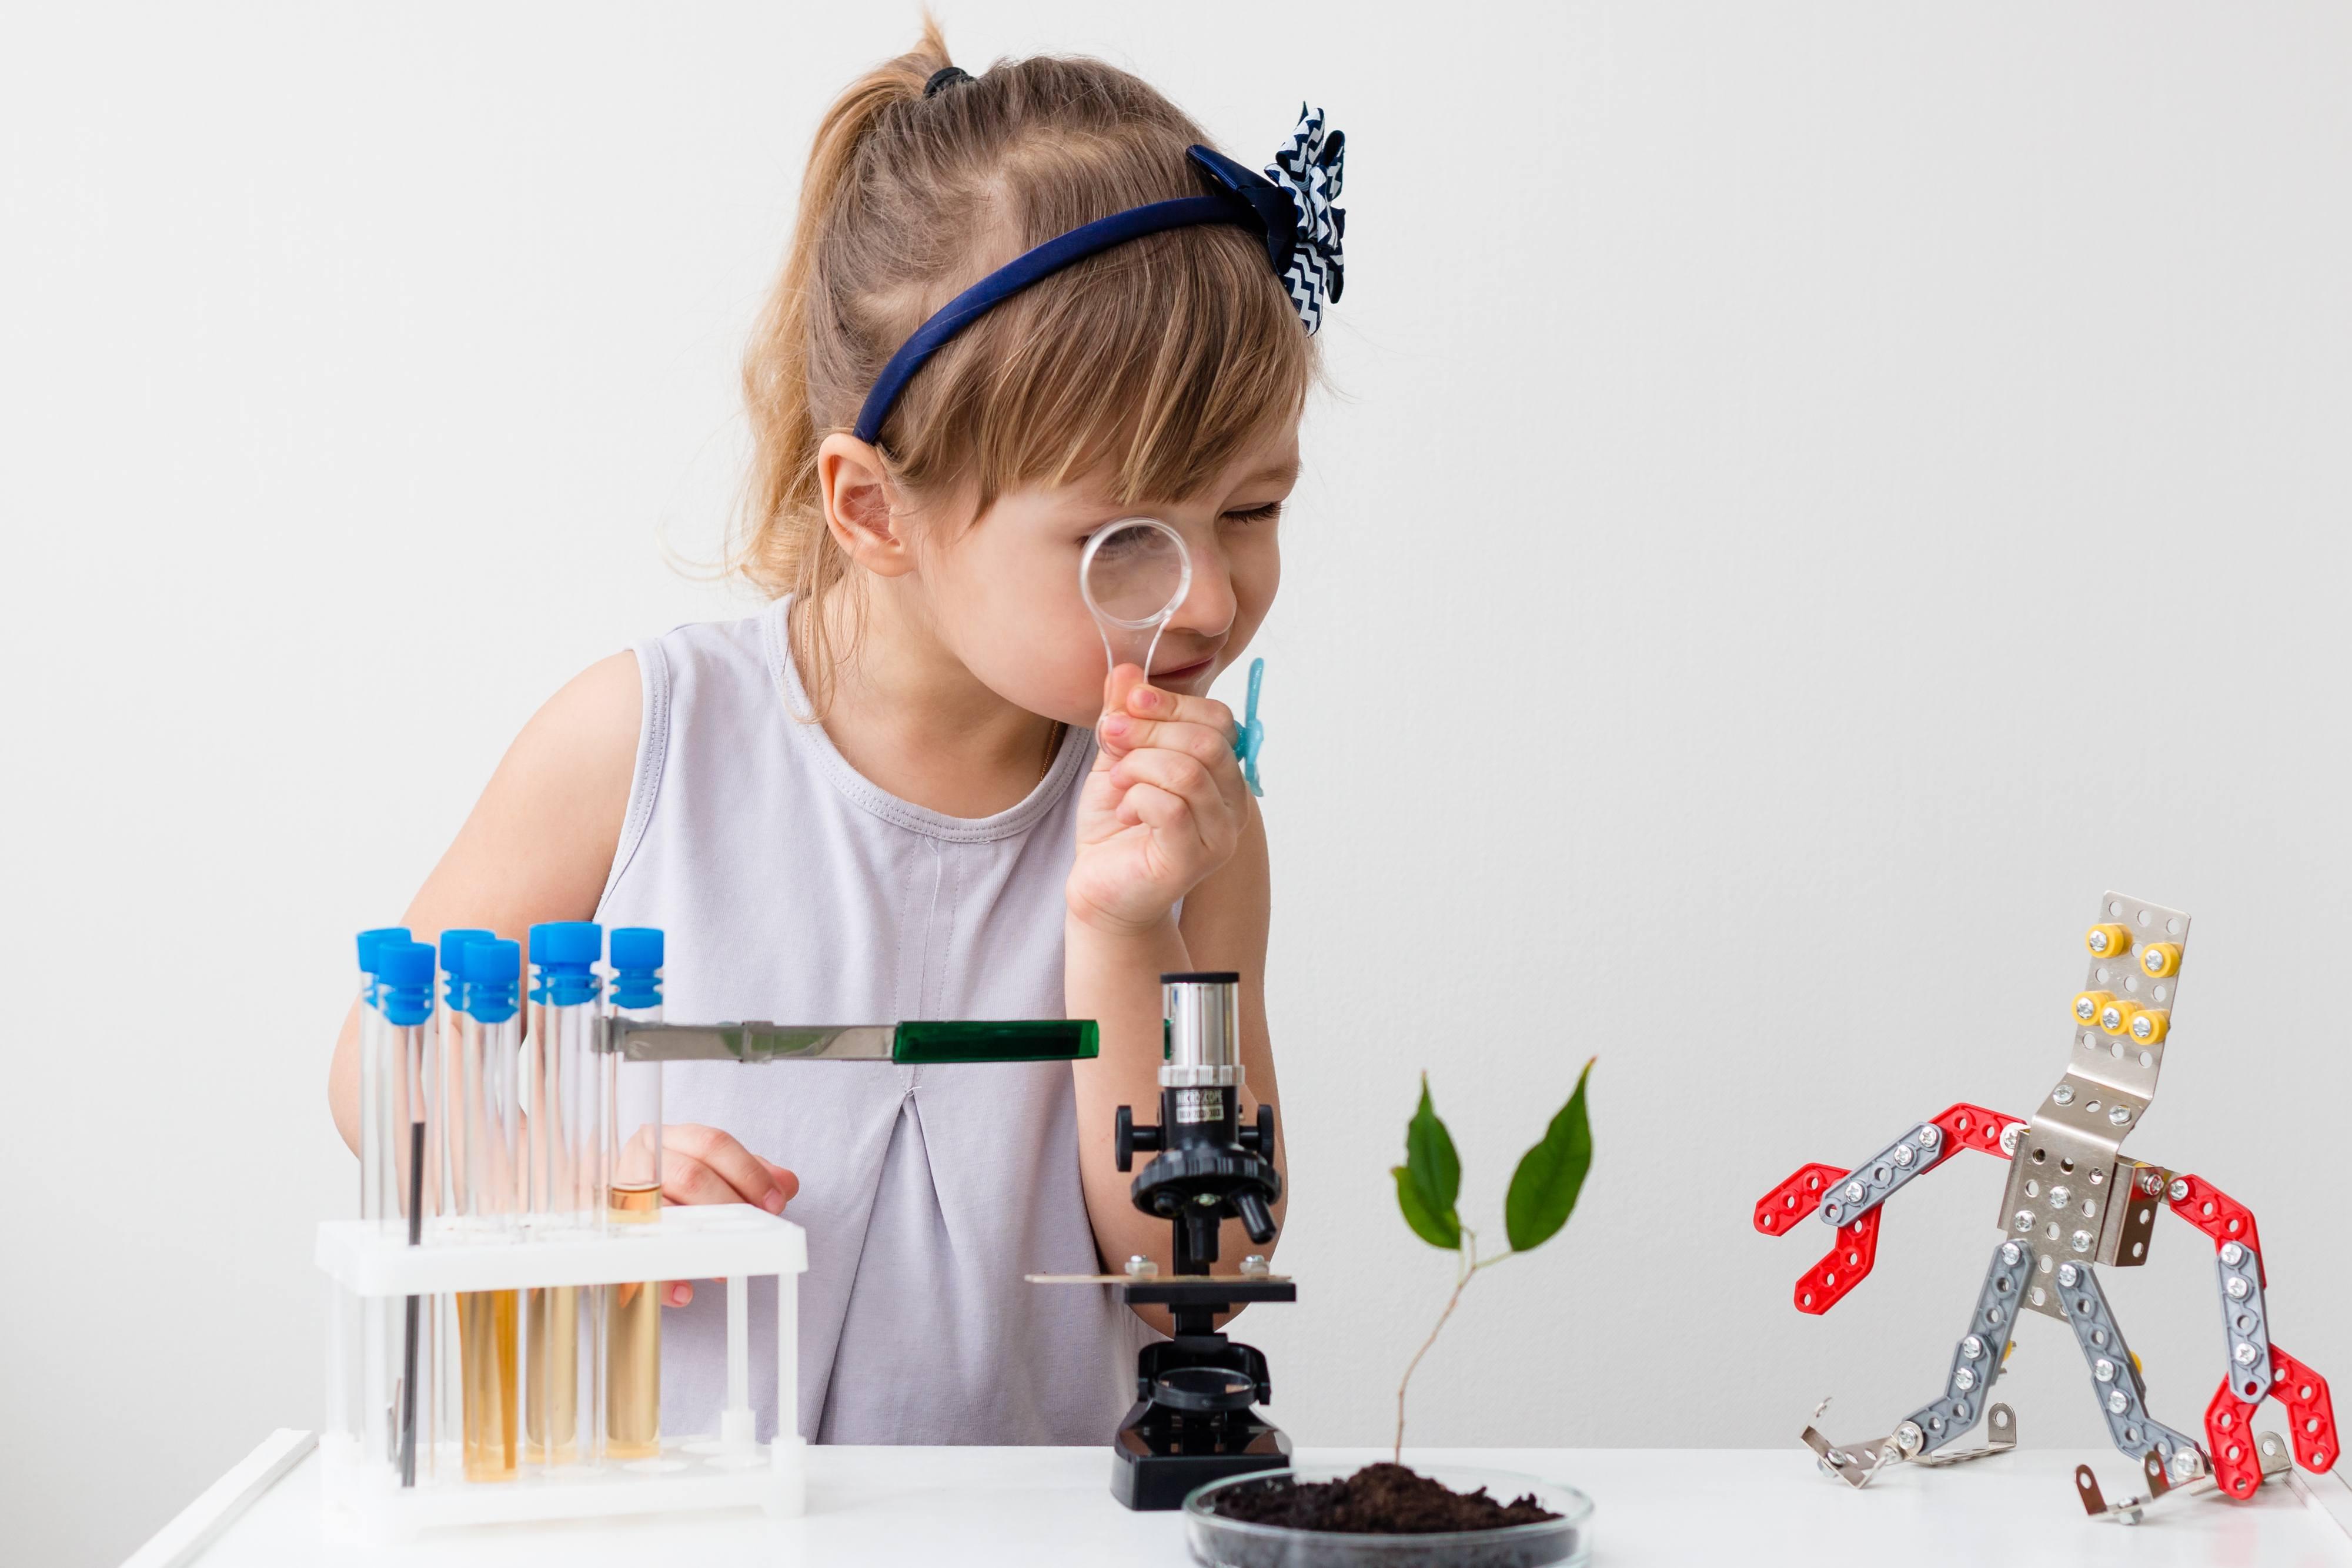 vocacion tecnologia niñas